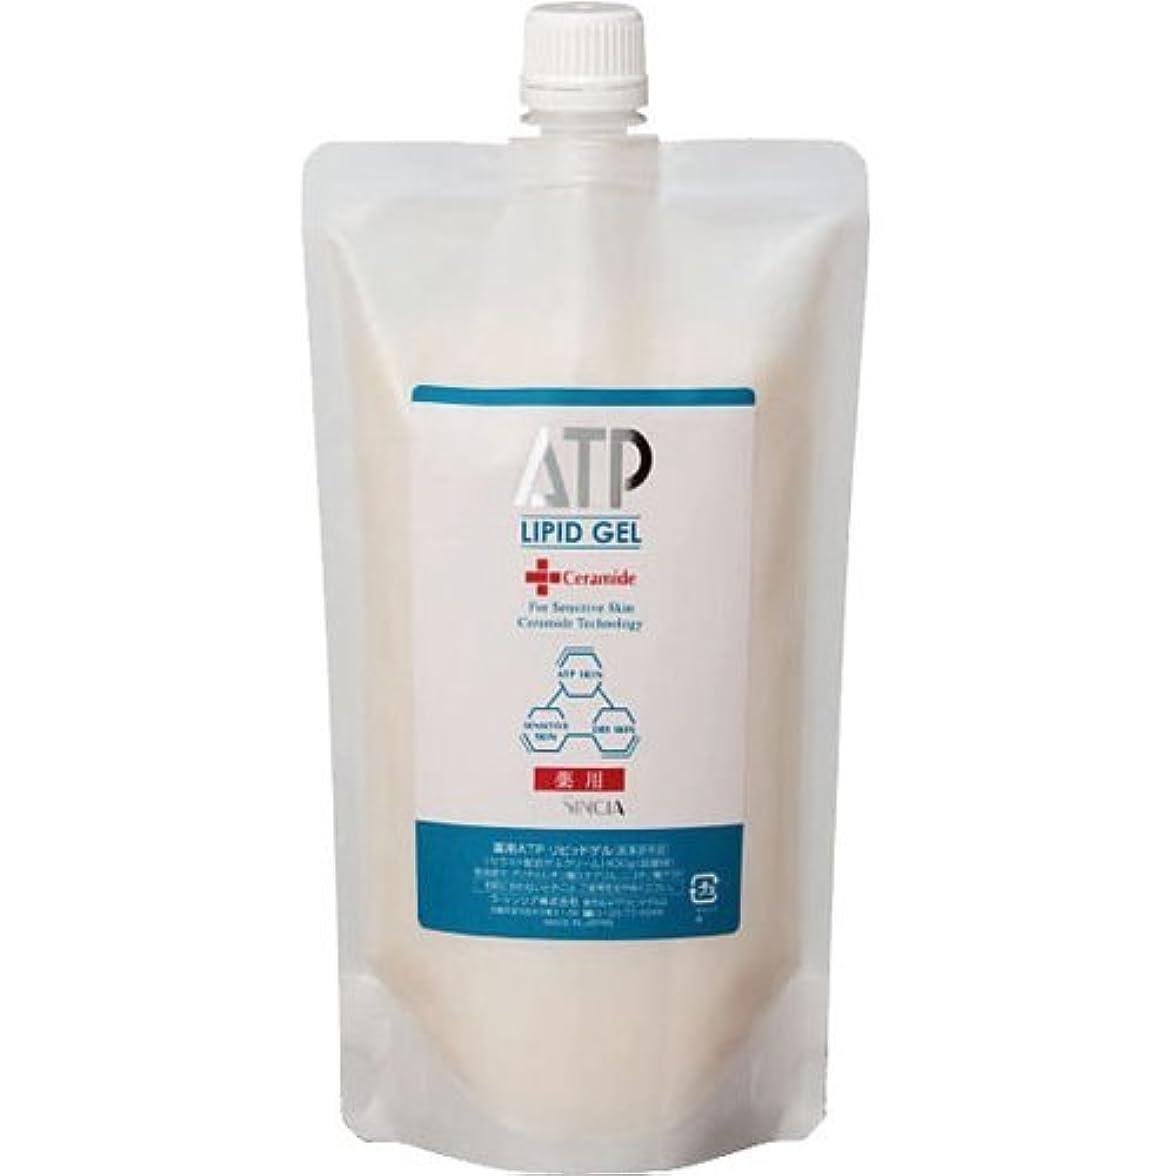 申し込む銅テスピアンラシンシア 薬用ATPリピッドゲル 400g(詰替用) 【セラミド配合ゲルクリーム】